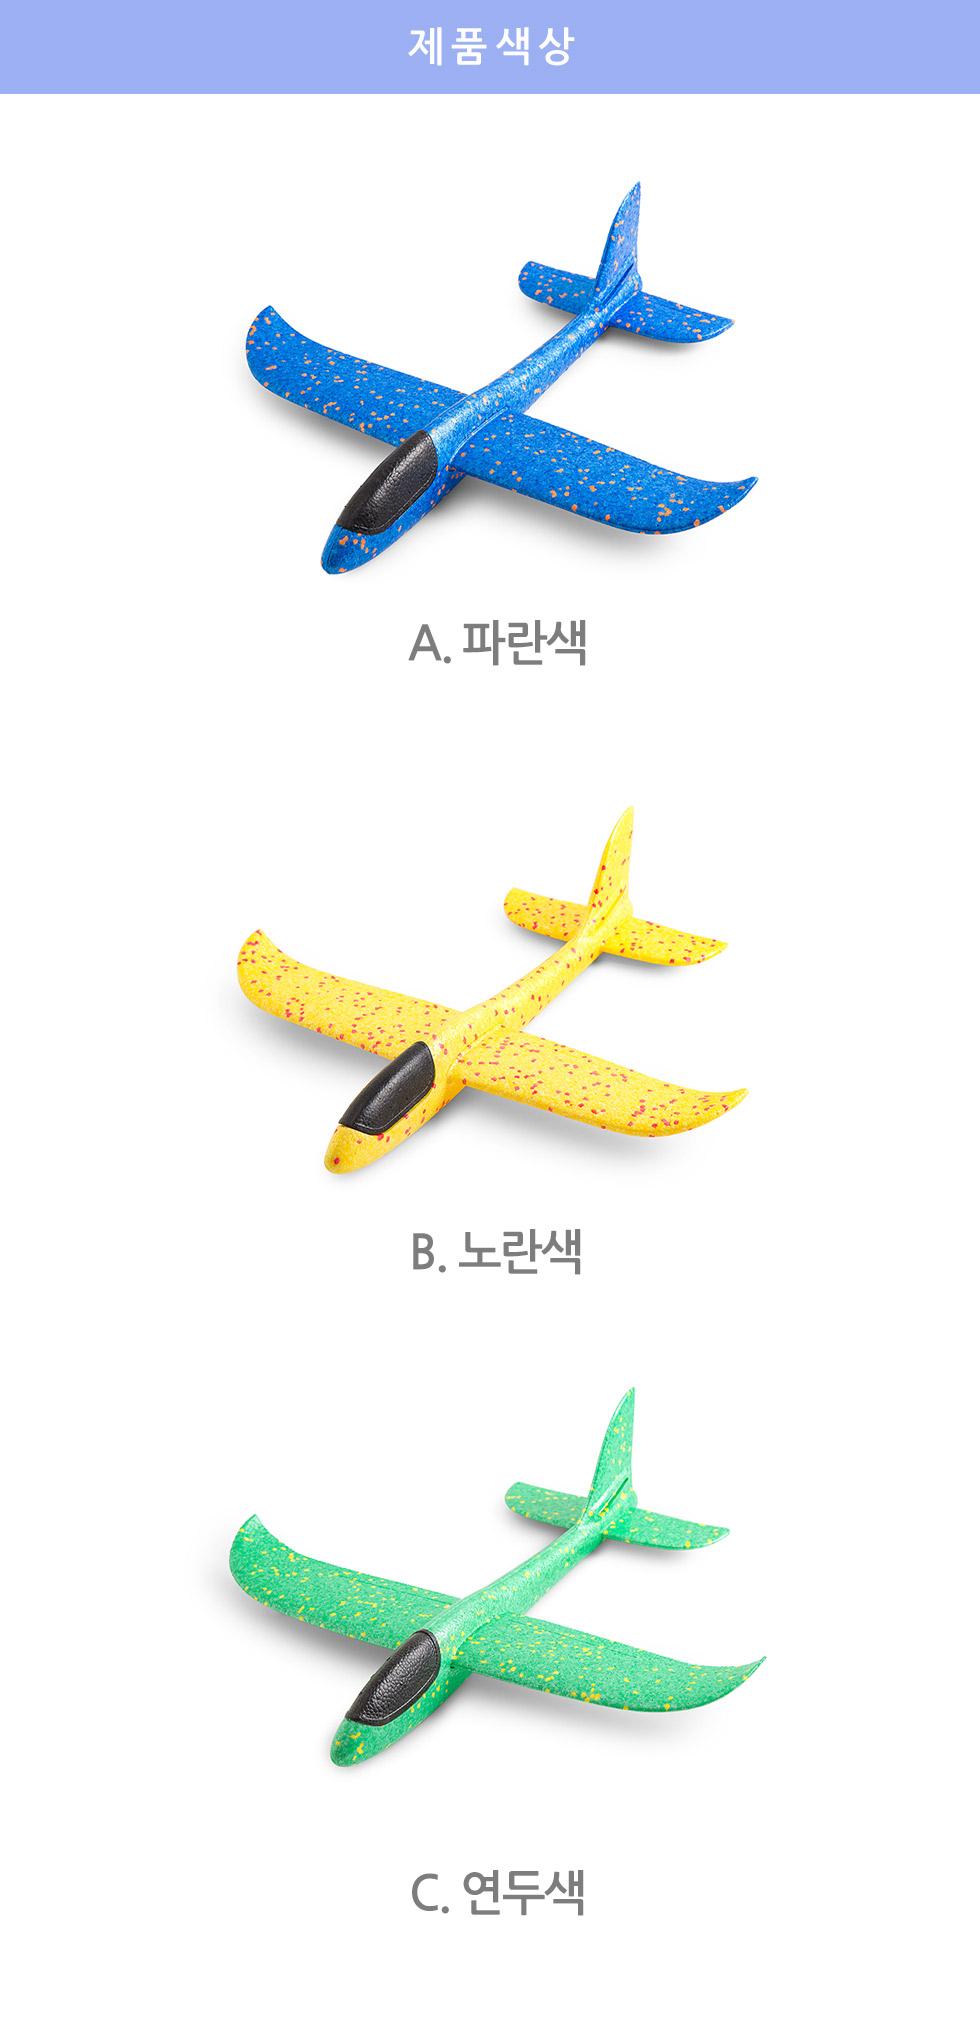 핸드 글라이더 - I can FLY with JESUS 색상 별 옵션사진 - A.파란색, B.노란색, C.연두색